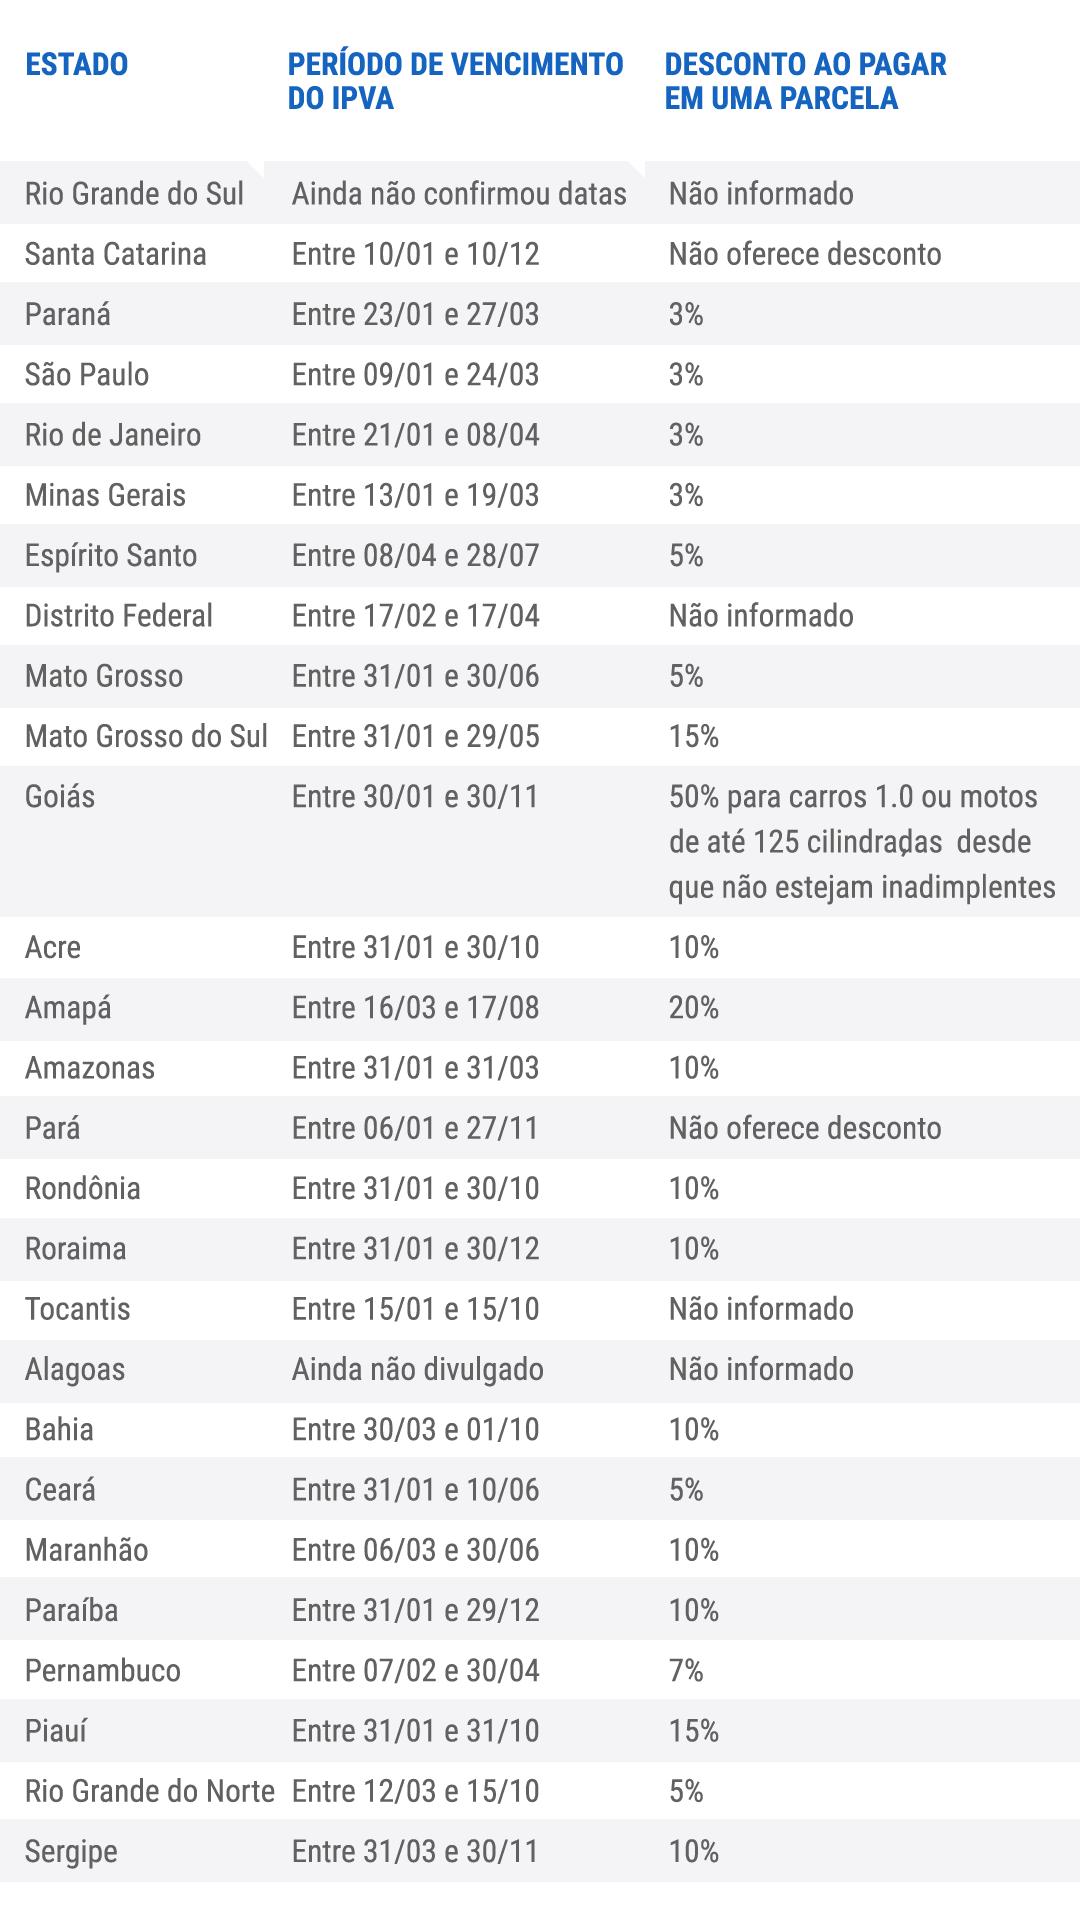 IPVA 2020: valores e datas de vencimento